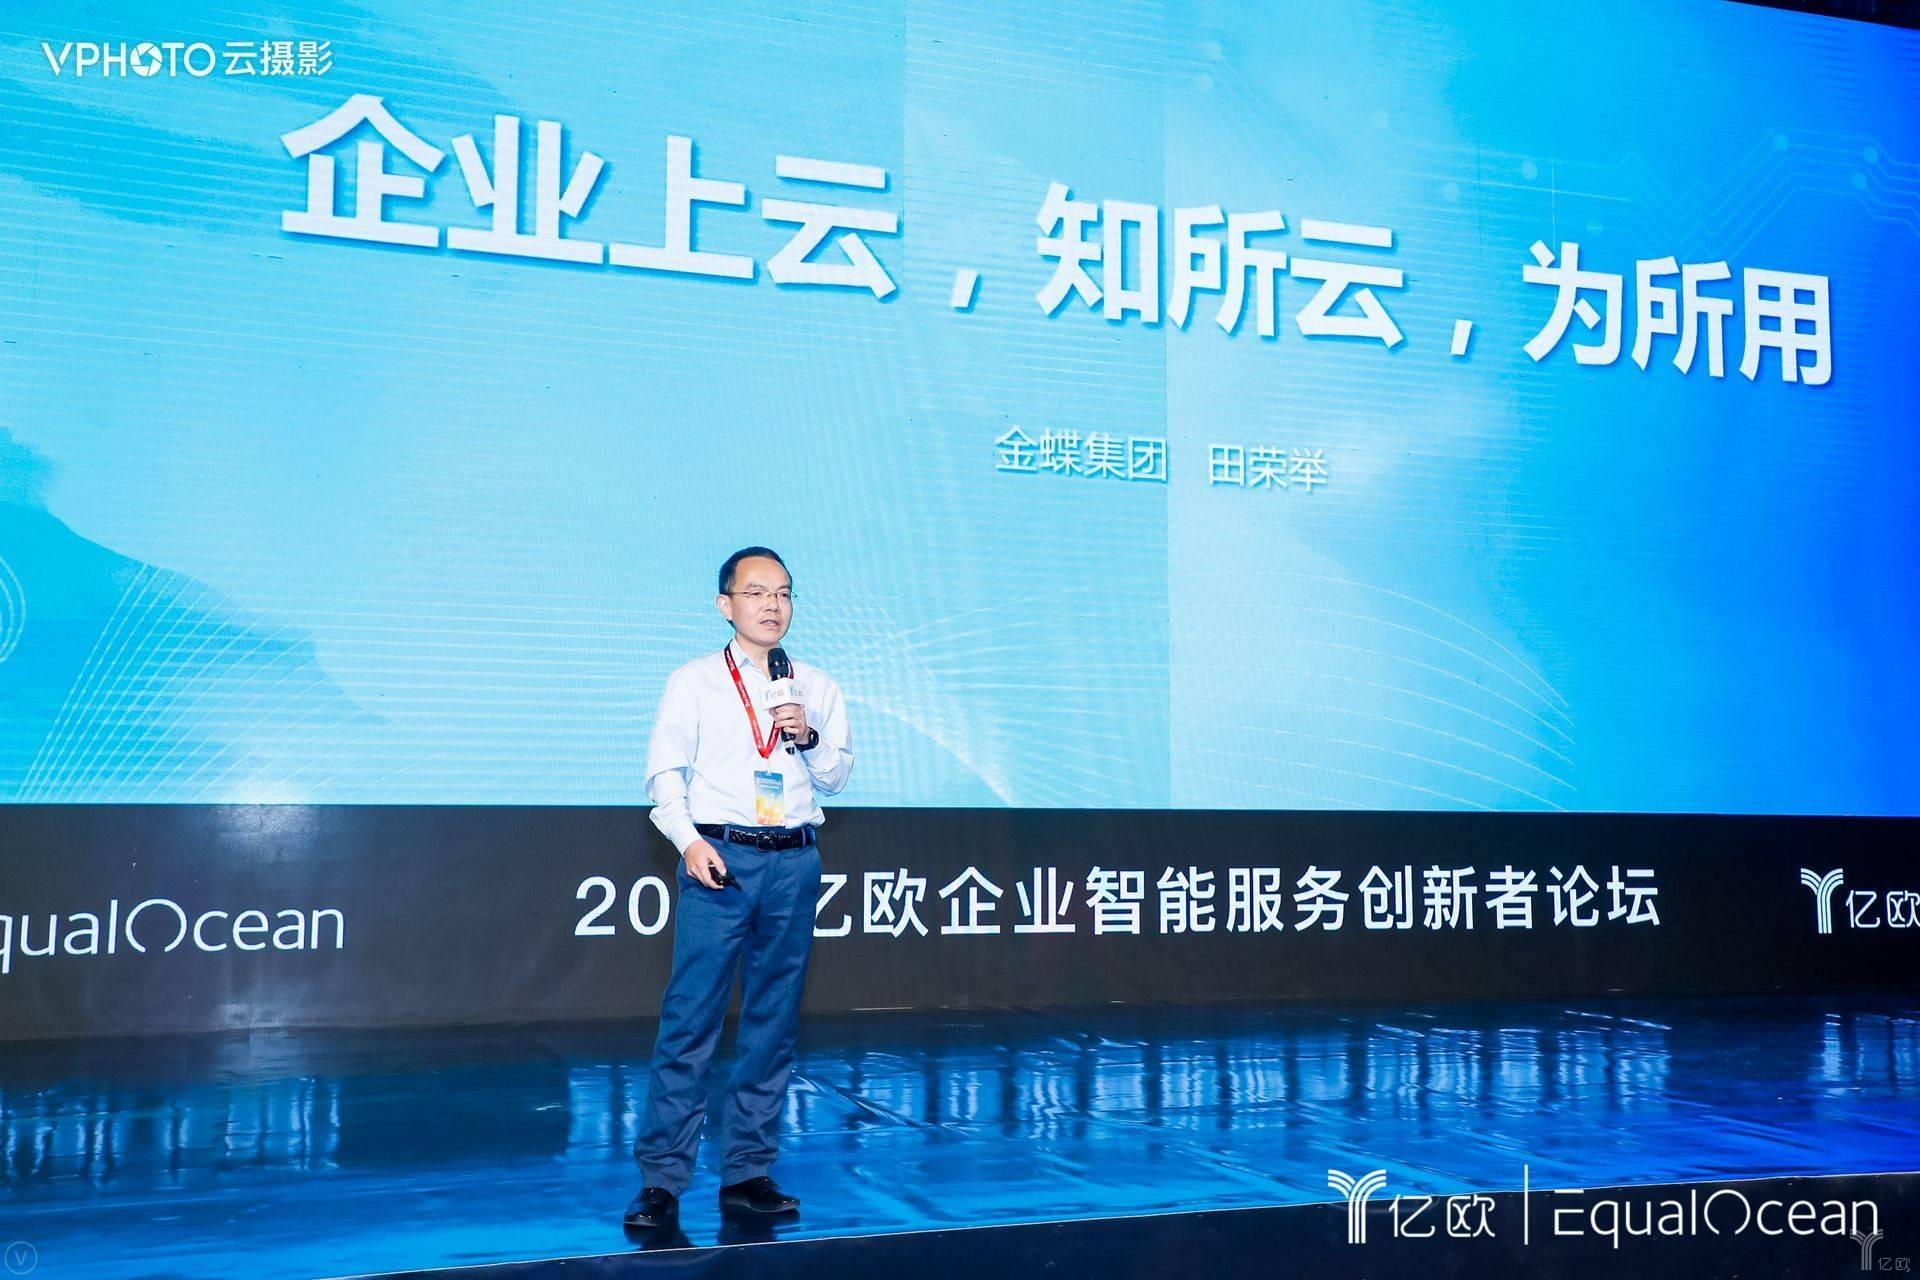 金蝶集团田荣举:云代表着连接和分享,大企业上云的动力更强